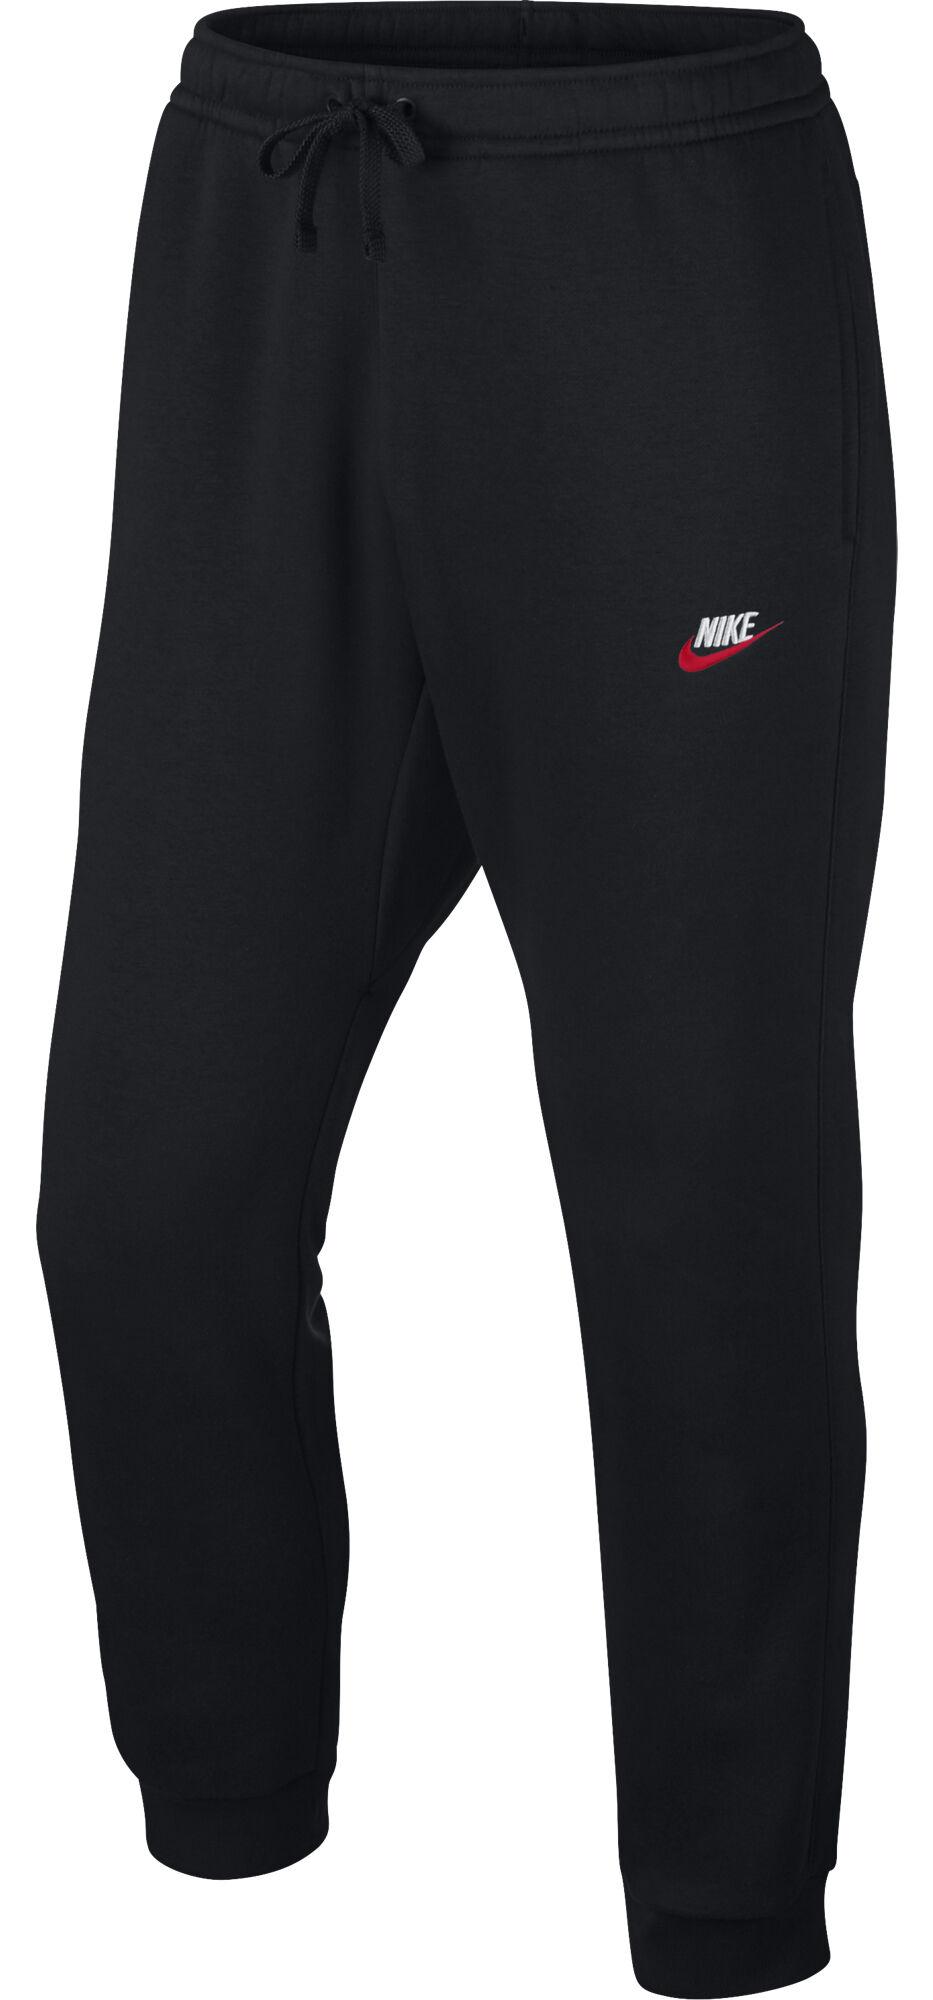 ahorros fantásticos mitad de descuento variedad de estilos de 2019 Nike Nsw Jggr Club miesten collegehousut (musta)